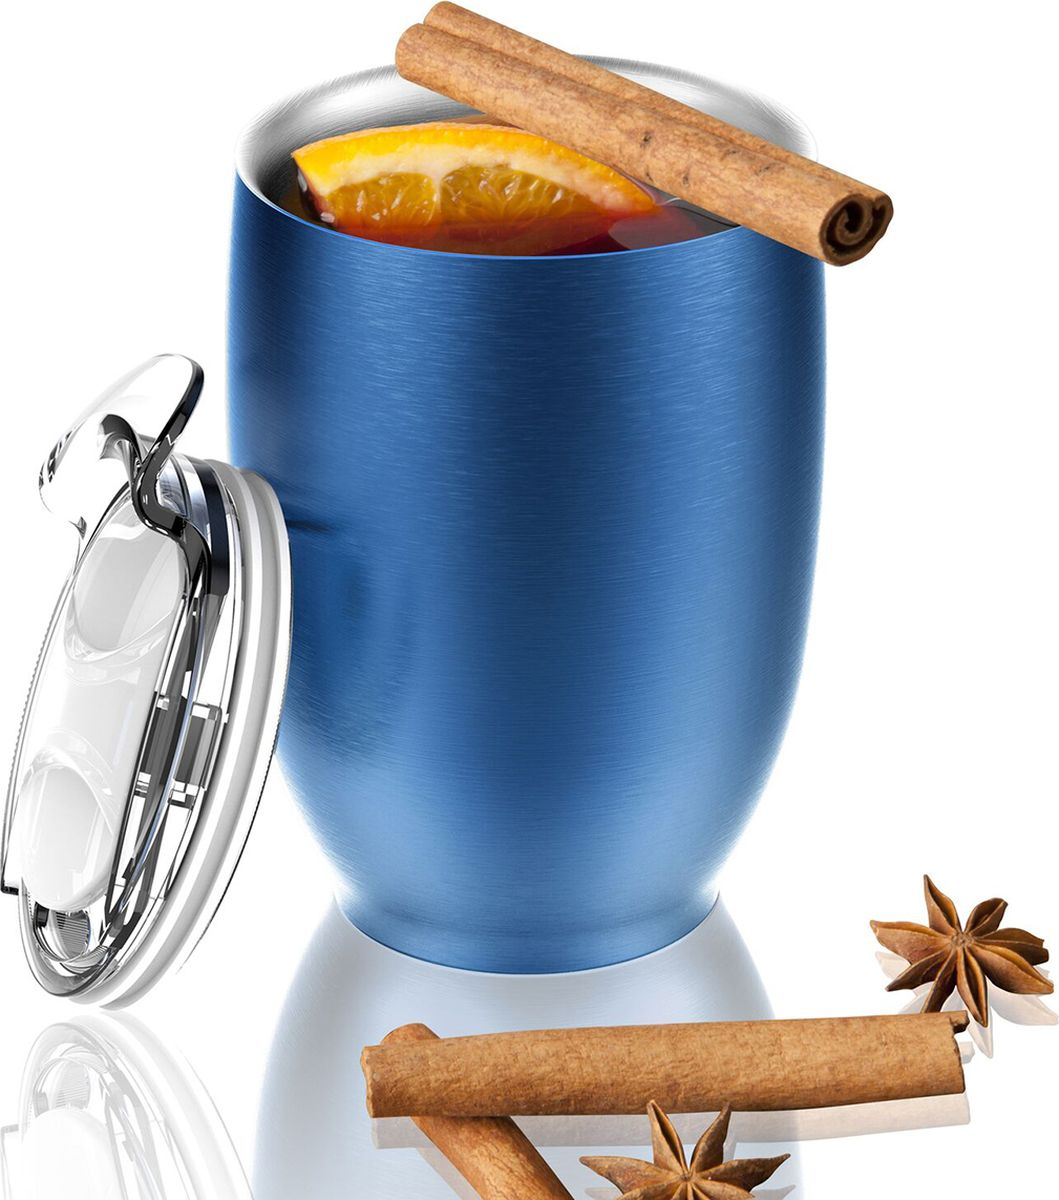 Термокружка Asobu Imperial Beverage, цвет: голубой, 300 млVIC3 blueТермокружка Asobu Imperial Beverage принадлежит к тому типу кружек, которые мы используем дома или на работе. Однако, Imperial beverage обладает рядом преимуществ, выделяющих ее среди прочих.Во-первых, Imperial beverage -это термокружка с двойными стенками и вакуумной изоляцией, которая будет дольше удерживать Ваш напиток горячим. Во-вторых, она изготовлена из 18/8 нержавеющей стали. Безвоздушное пространство между стенками не позволяет кружке нагреваться, и Вы можете пить горячий кофе, не дожидаясь, когда кружка остынет, она всегда остается холодной! В-третьих, крышка изготовлена из легкого и безопасного пластика, она разбирается на составные части, ее удобно мыть, как вручную, так и в посудомоечной машине. Также крышка имеет гибкую ребристую прокладку по краю, позволяющую лучше изолировать напиток. Да, и не обязательно полностью снимать крышку, чтобы попить: на крышке есть отверстие для быстрого доступа к напитку. И, наконец, у этой кружки такой привлекательный внешний вид!Материал: СтальВысота: 13 смДиаметр: 9 см